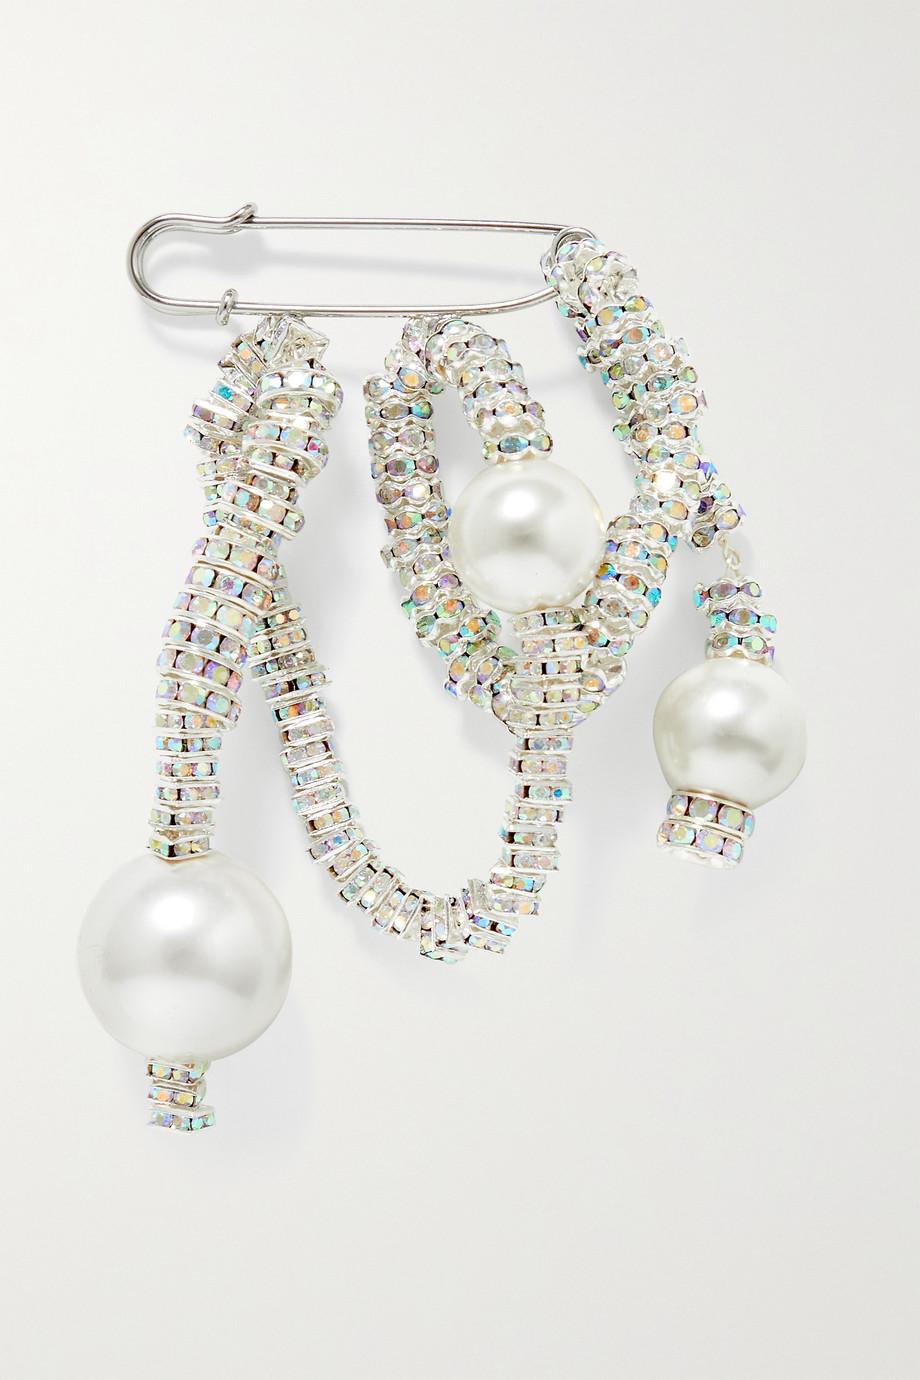 PEARL OCTOPUSS.Y Versilberte Brosche mit Kristallen und Kunstperlen